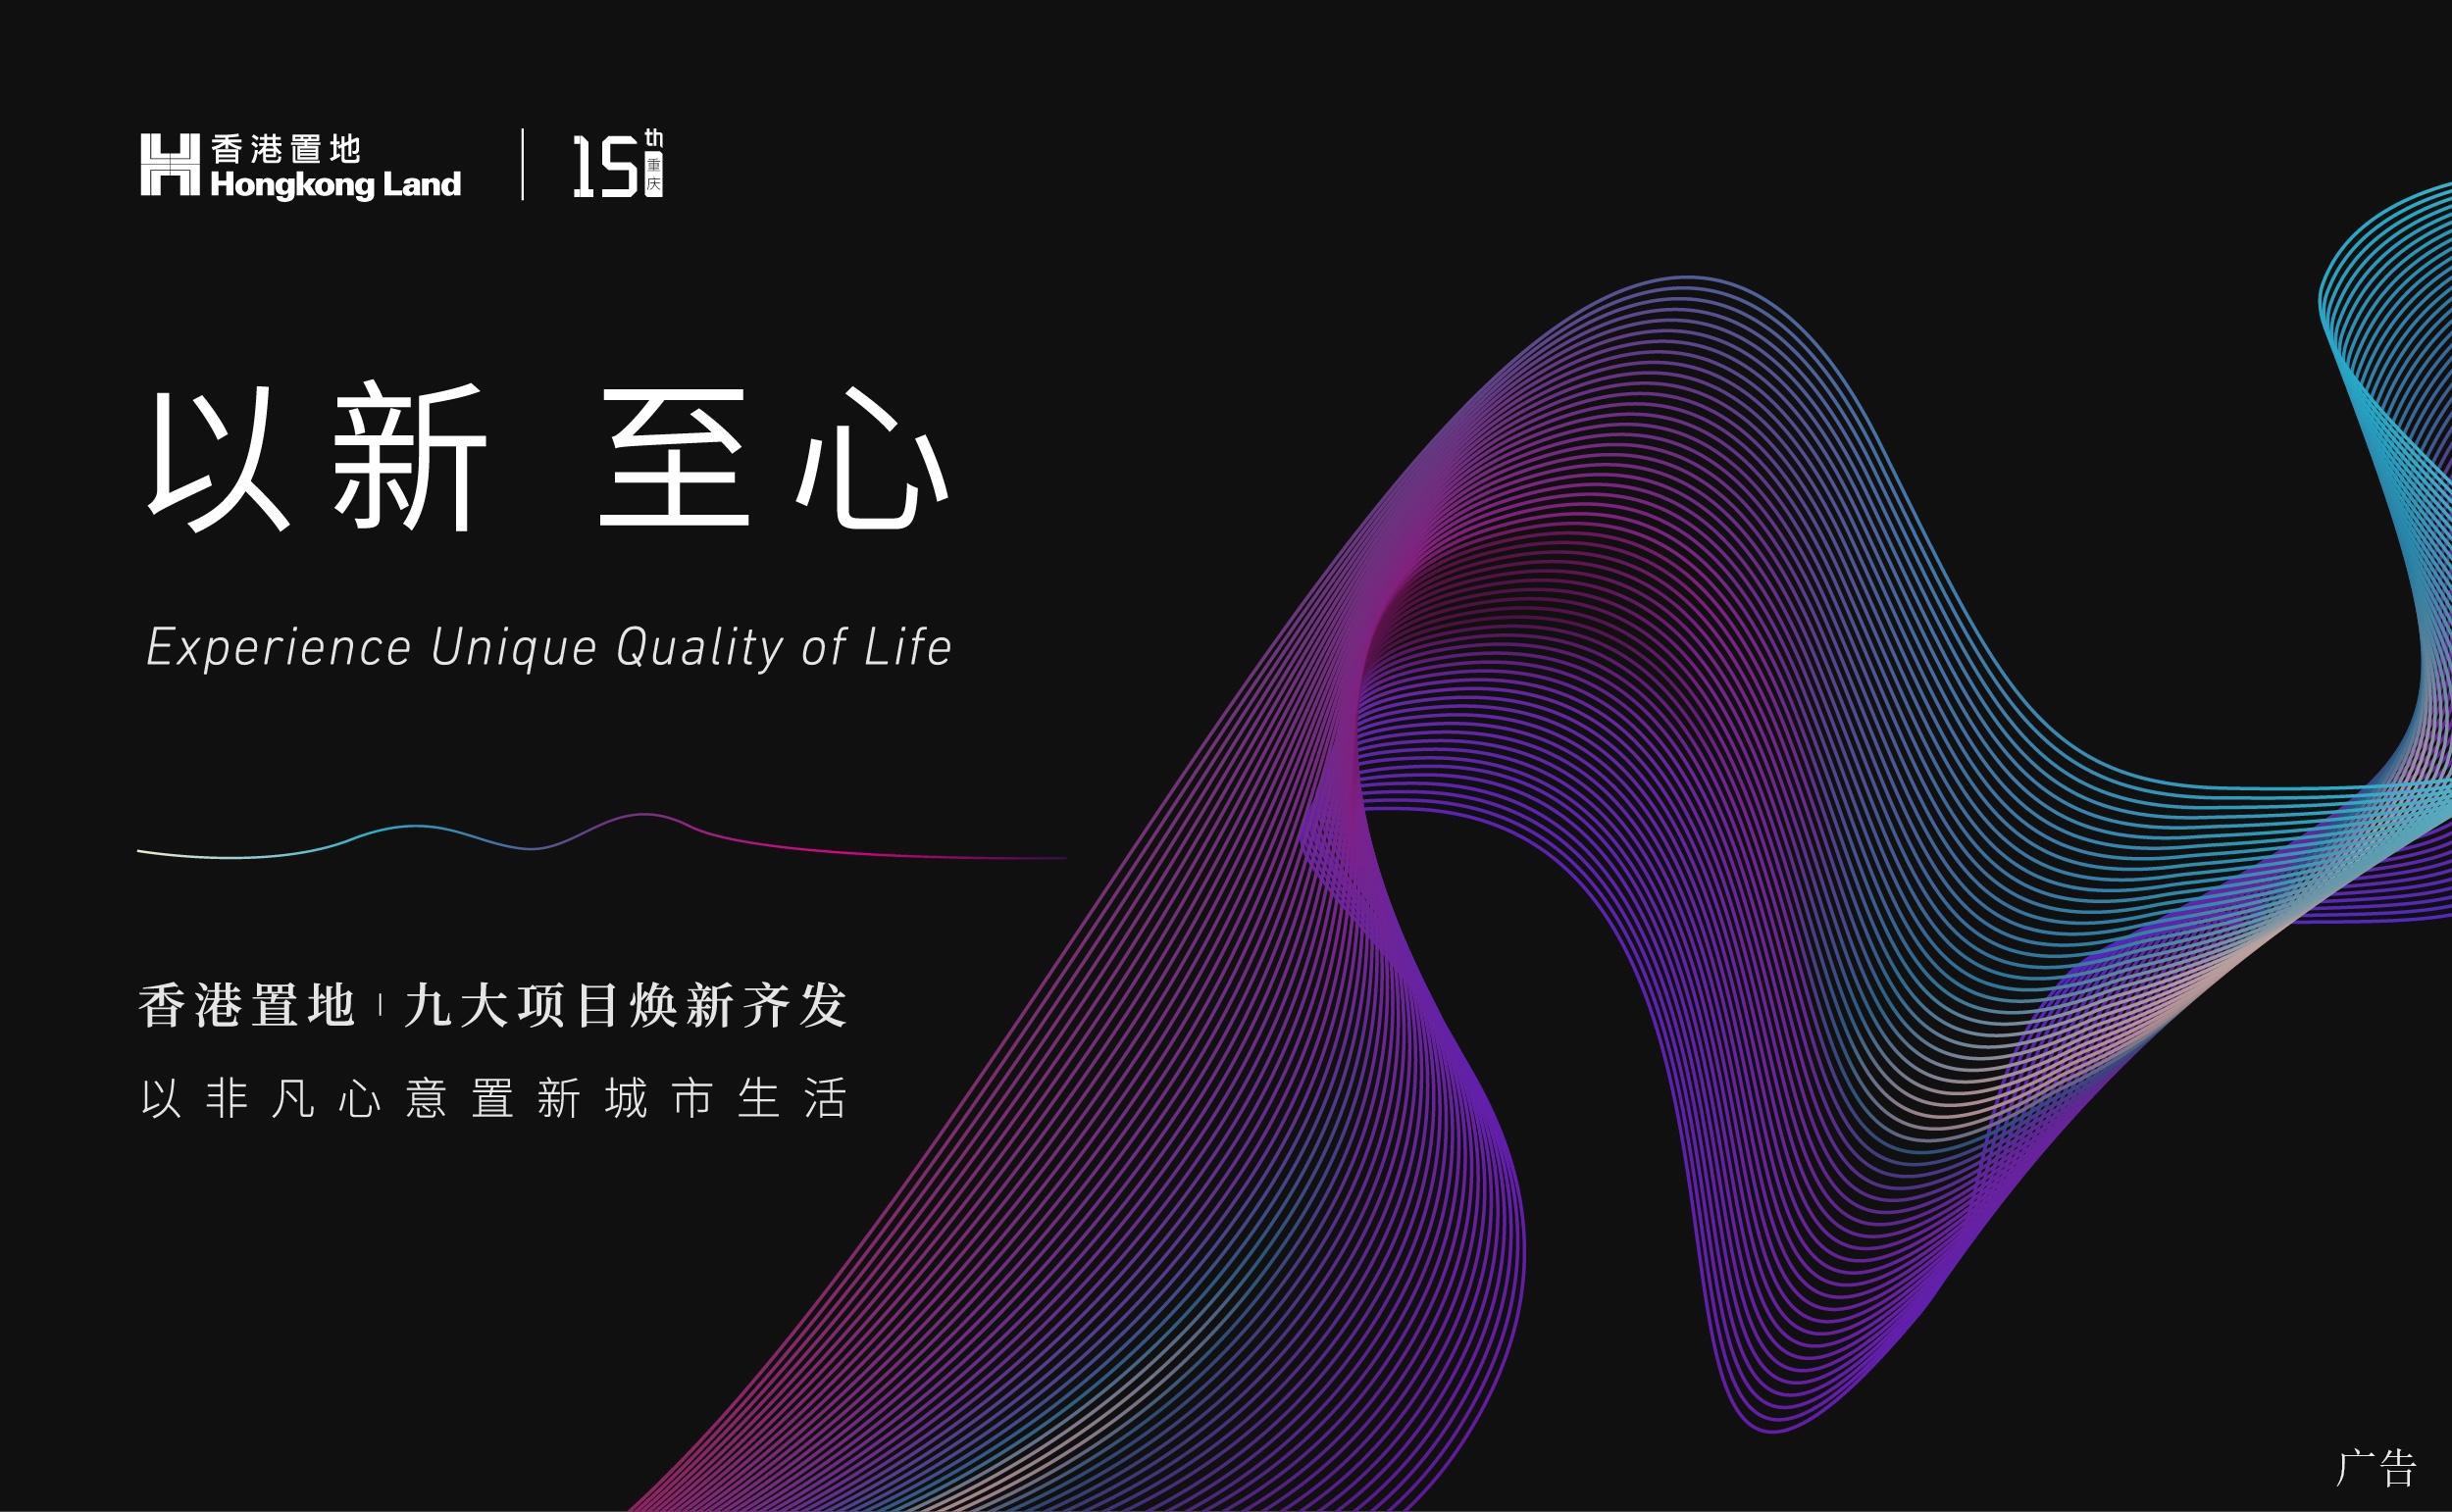 香港置地以新至心 九大项目焕新齐发